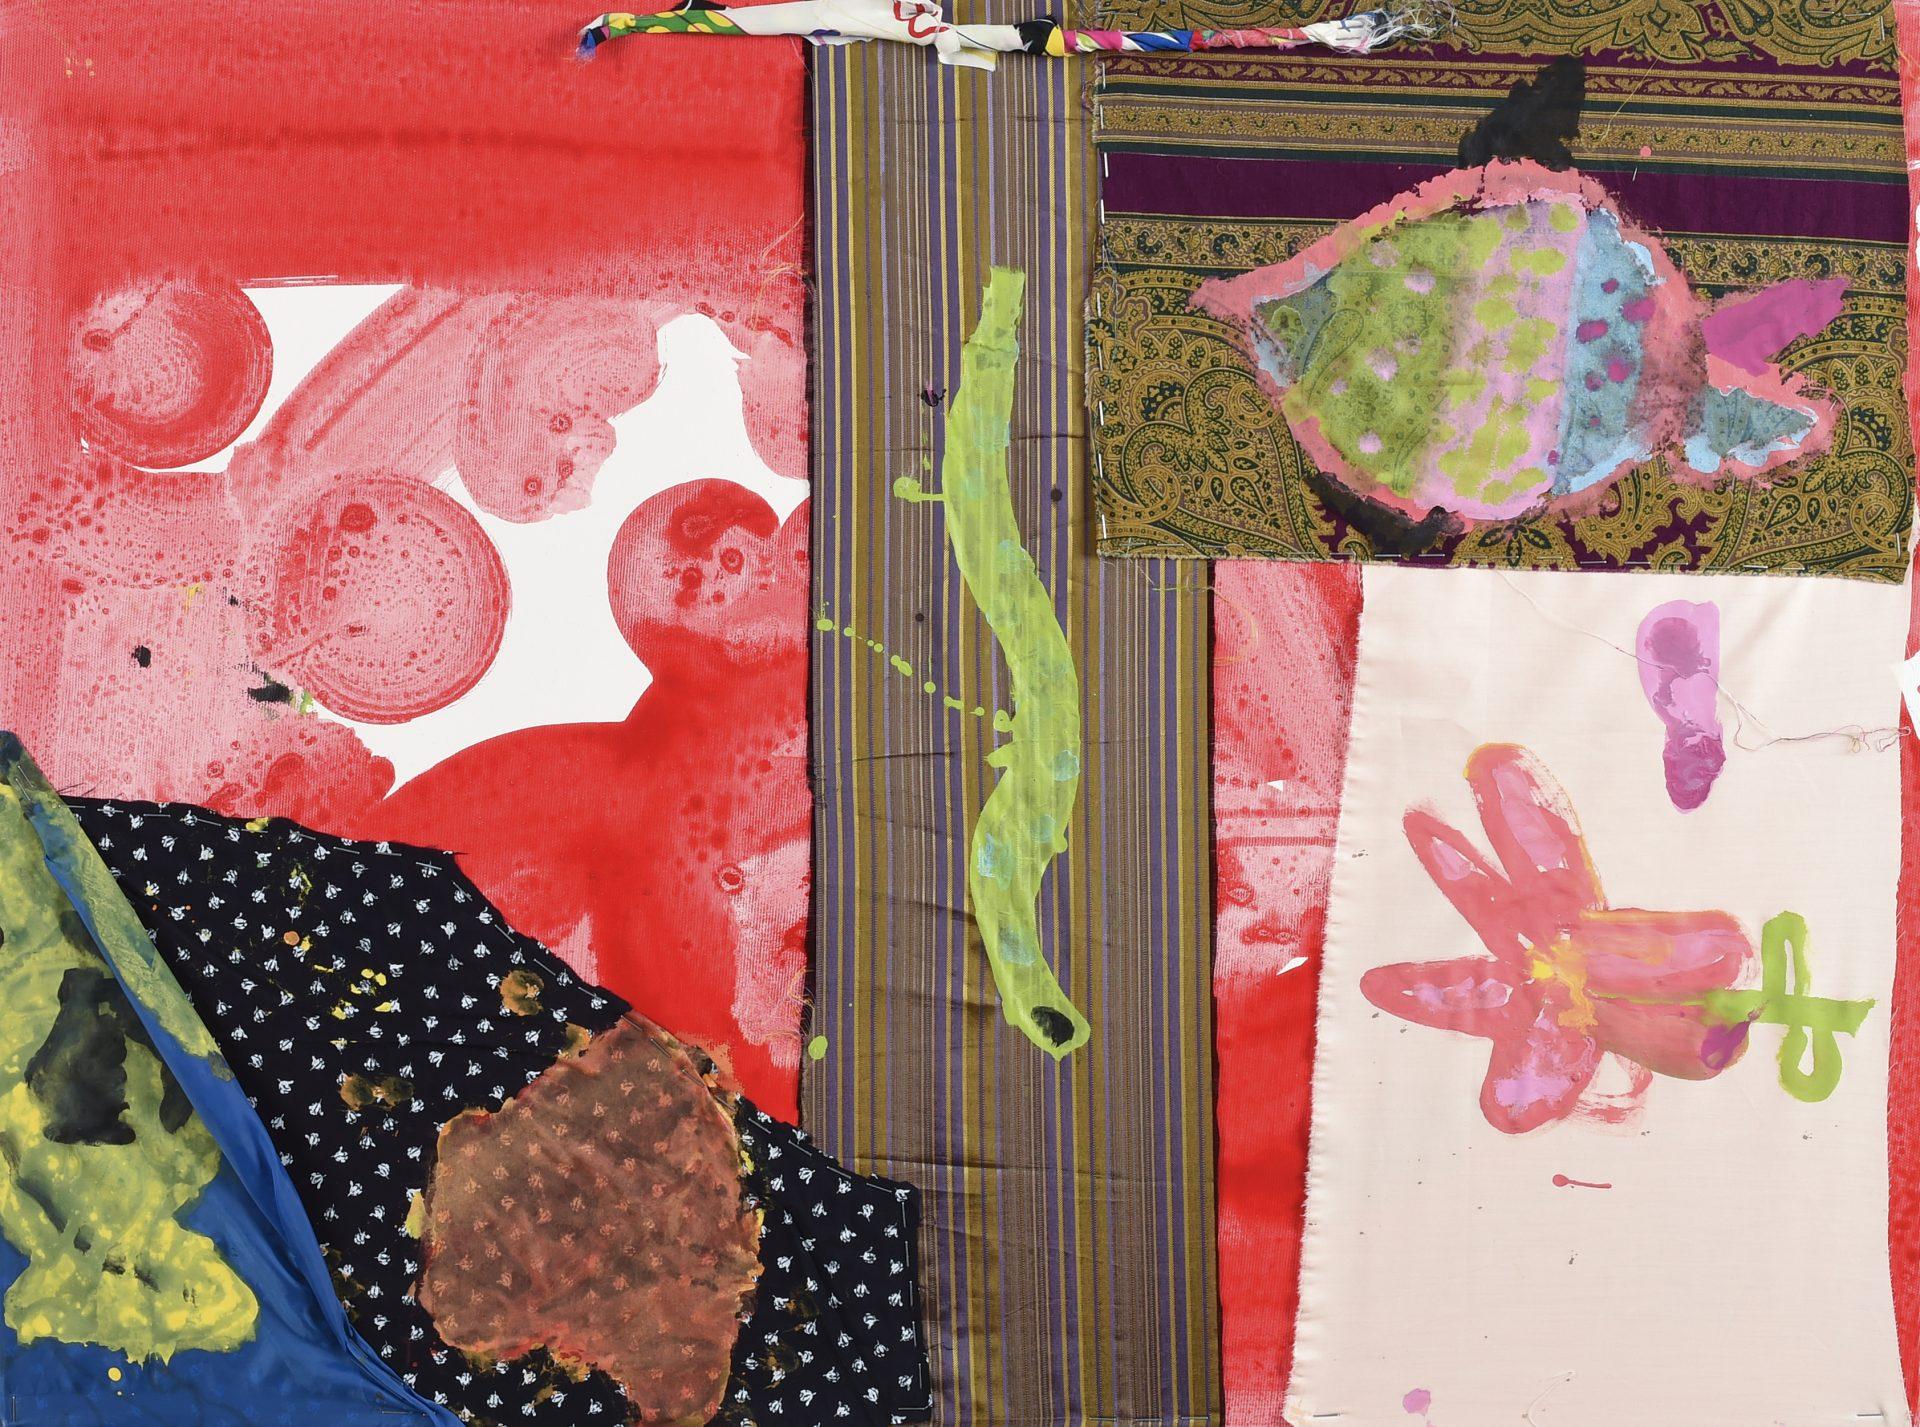 Giocando con i colori<br>CS12<br>misure: 60 x 80 cm<br>tecnica: acrilico e stoffa su tela<br>anno: 2015<br><br>DISPONIBILE